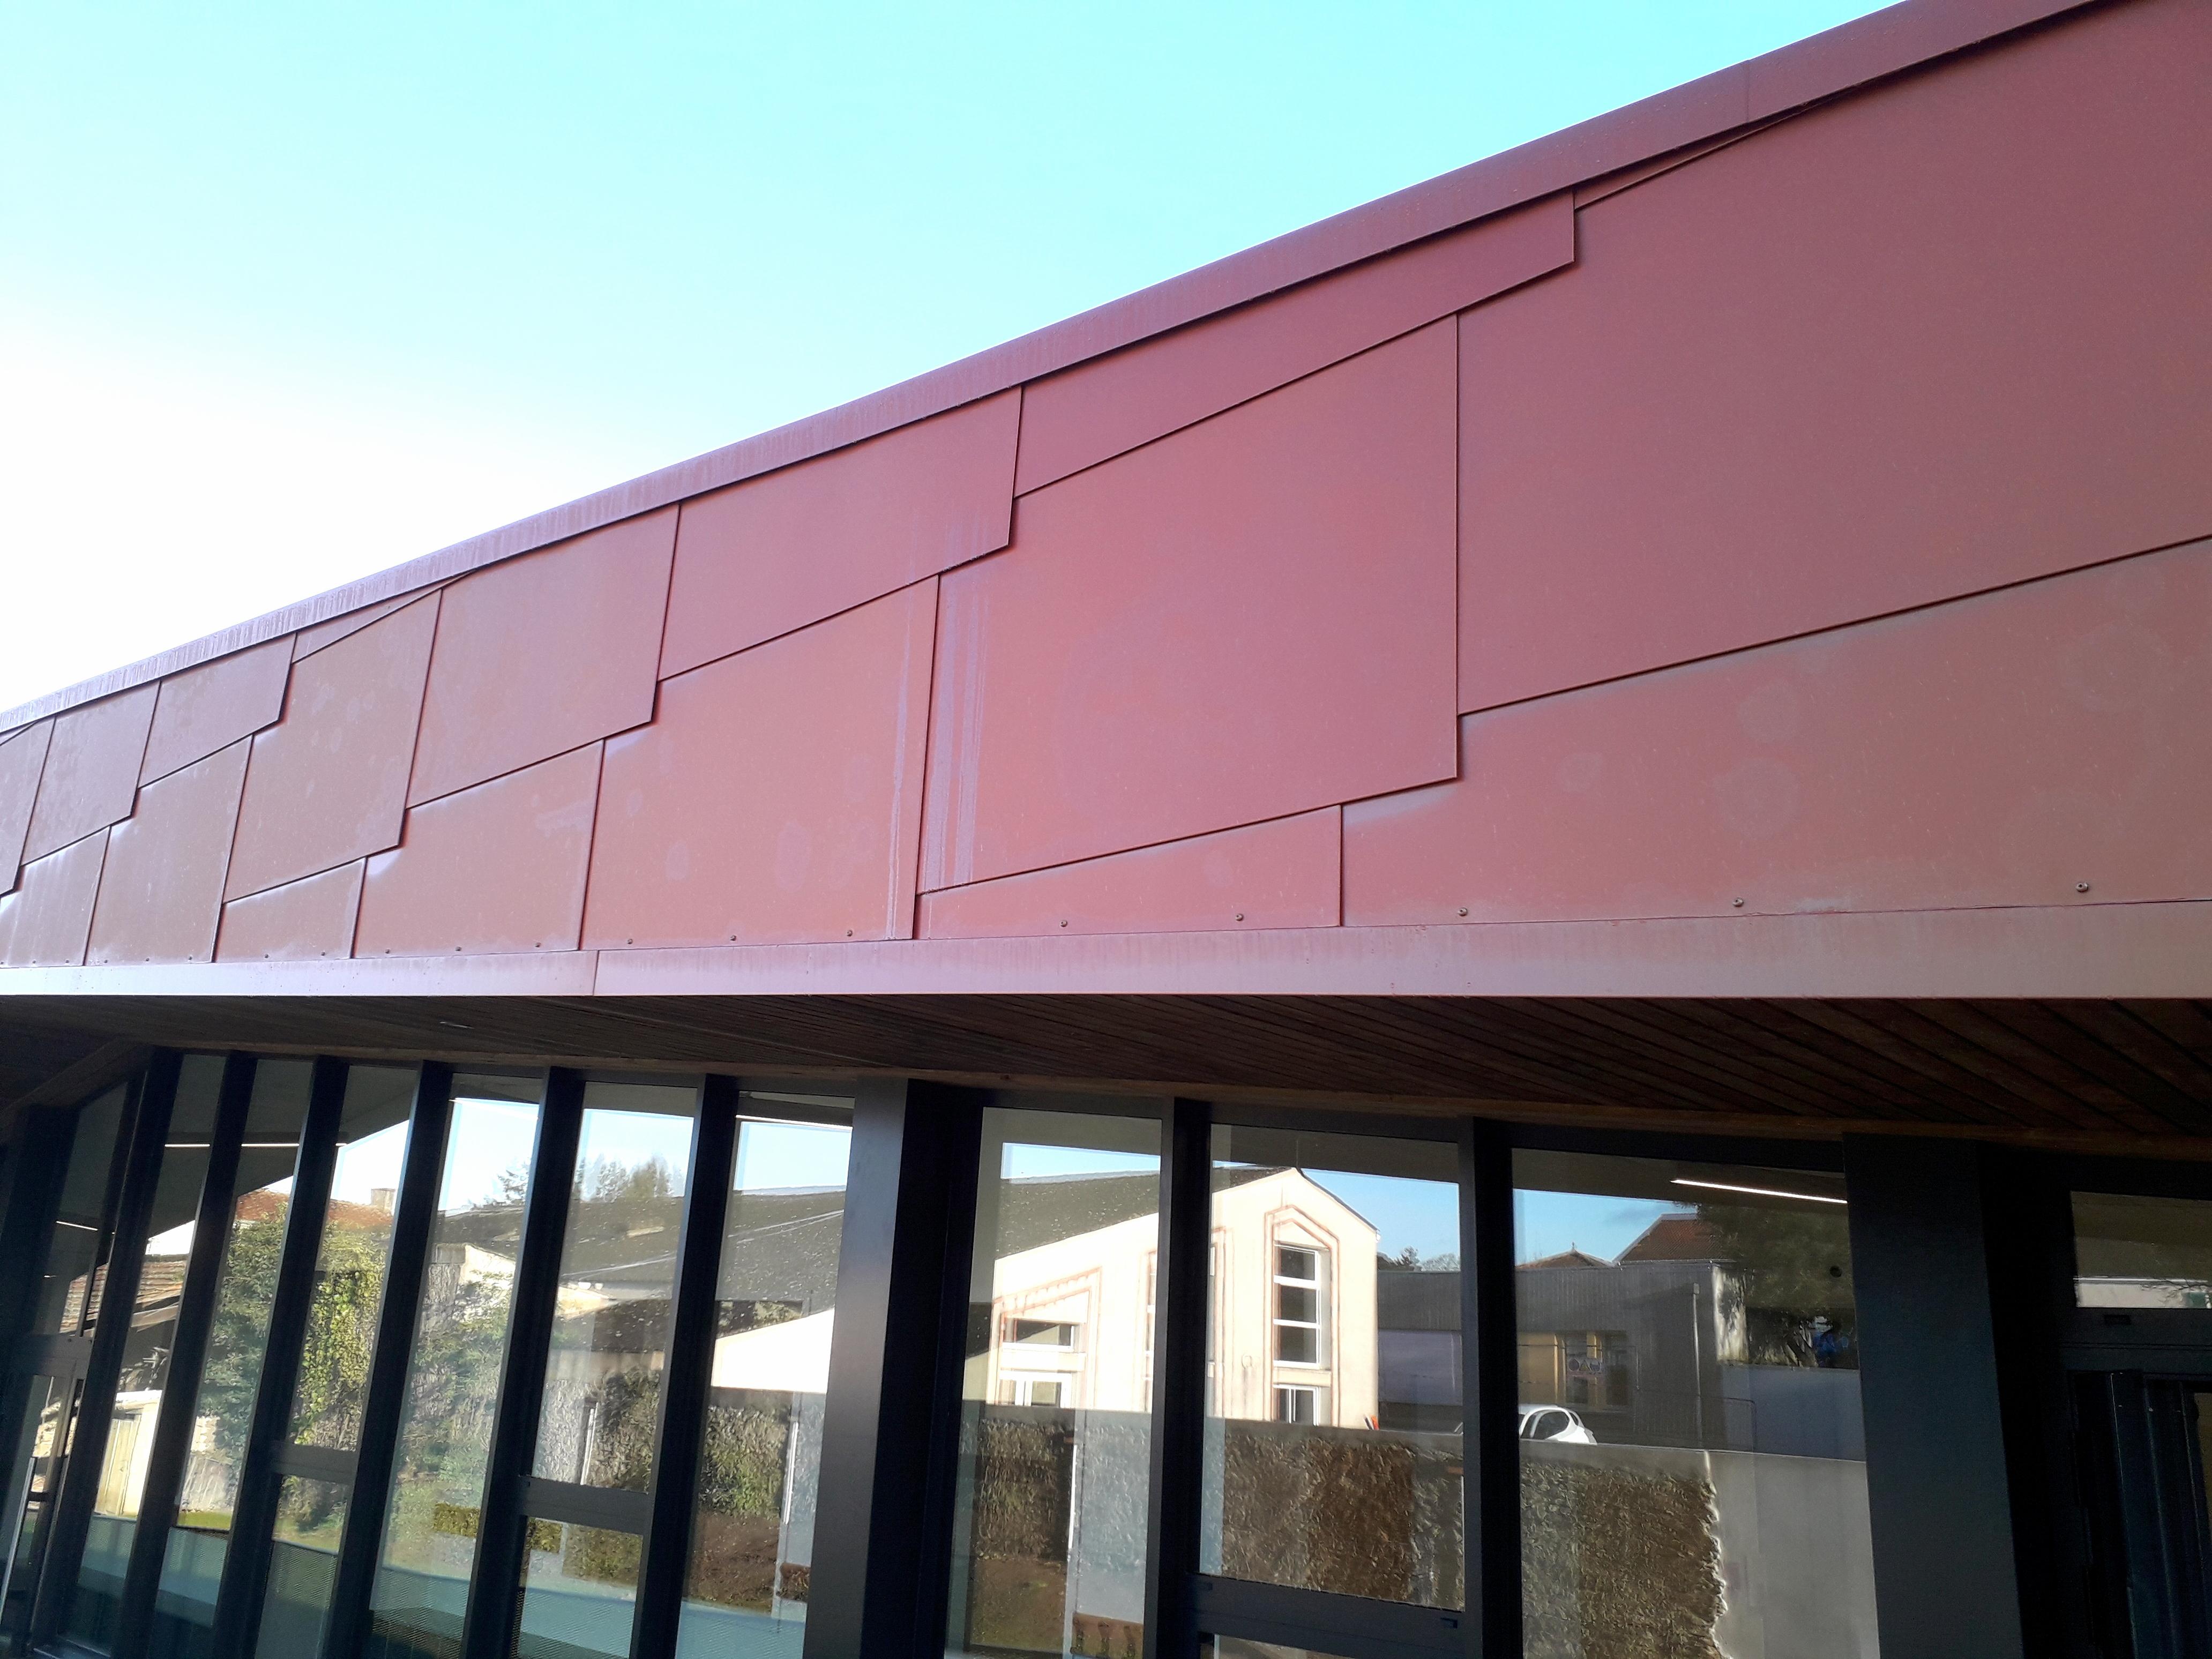 CIBA OUARY - Pôle enfance de Port-Saint-Père avec façade en écailles métalliques orangées